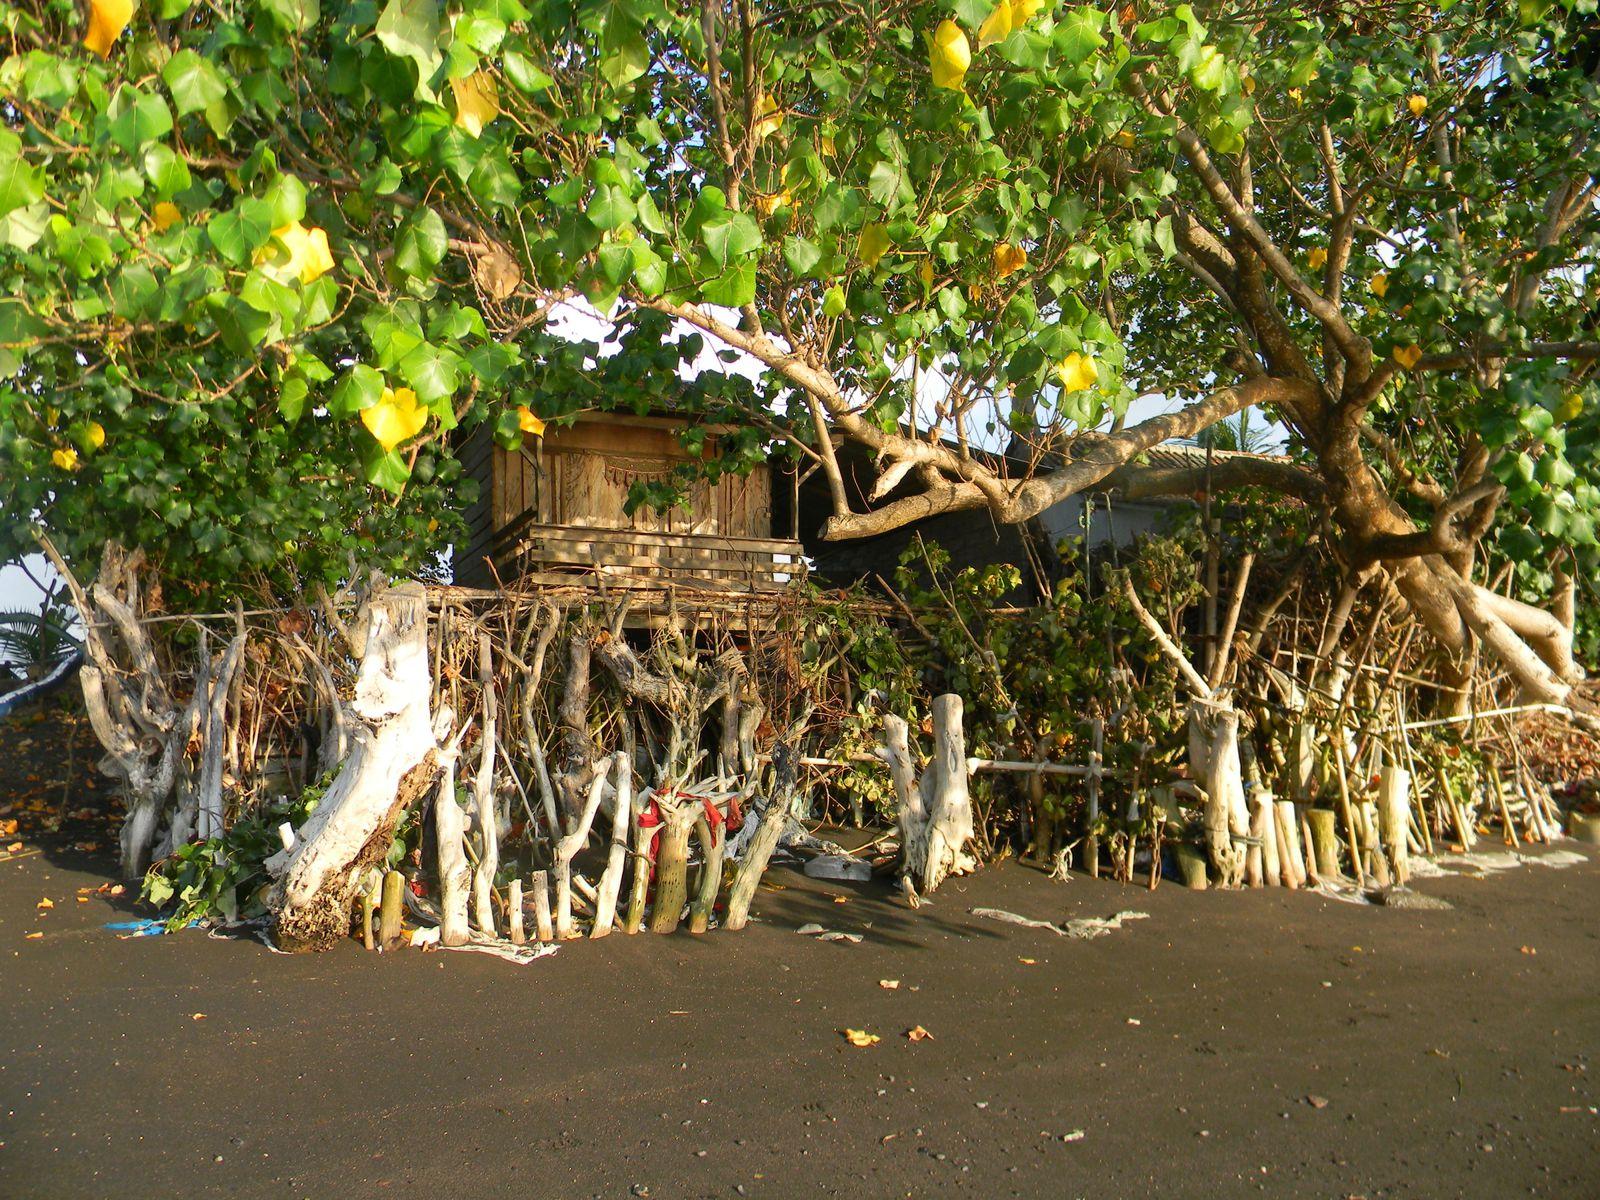 Une maison de pêcheur, le bois la protégeant des raz de marée.